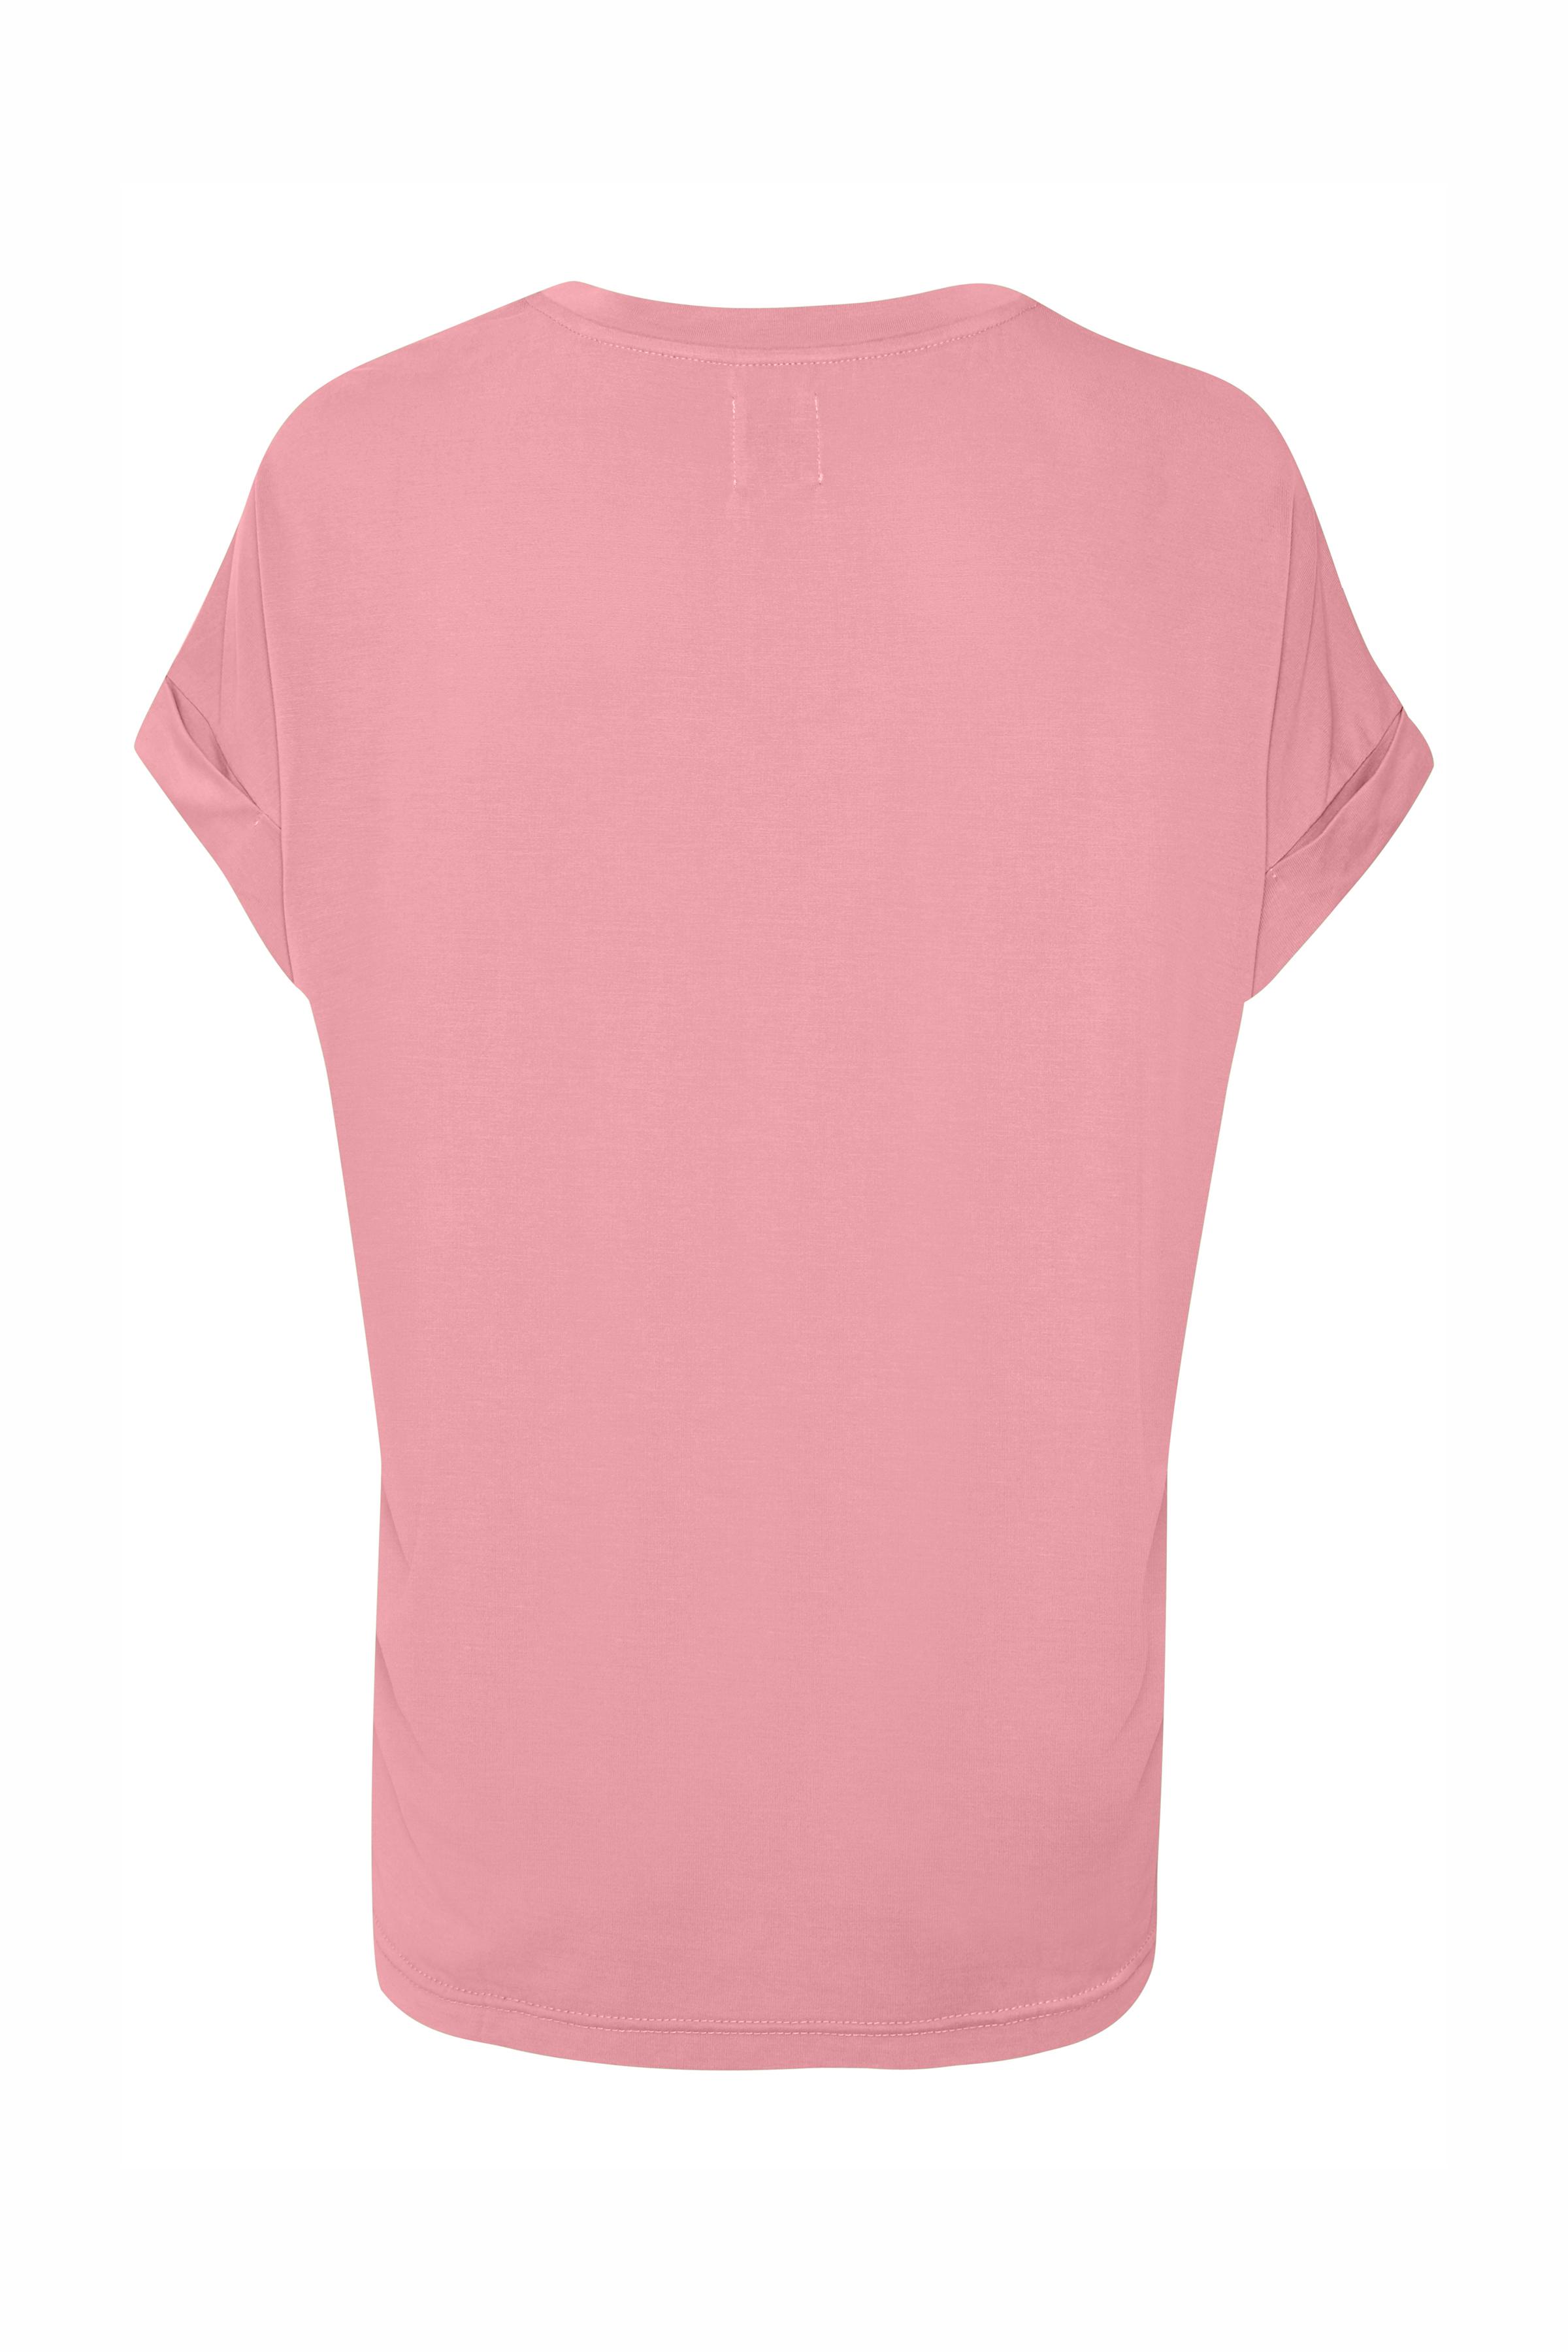 Rosa Kortærmet T-shirt fra Culture – Køb Rosa Kortærmet T-shirt fra str. XS-XXL her